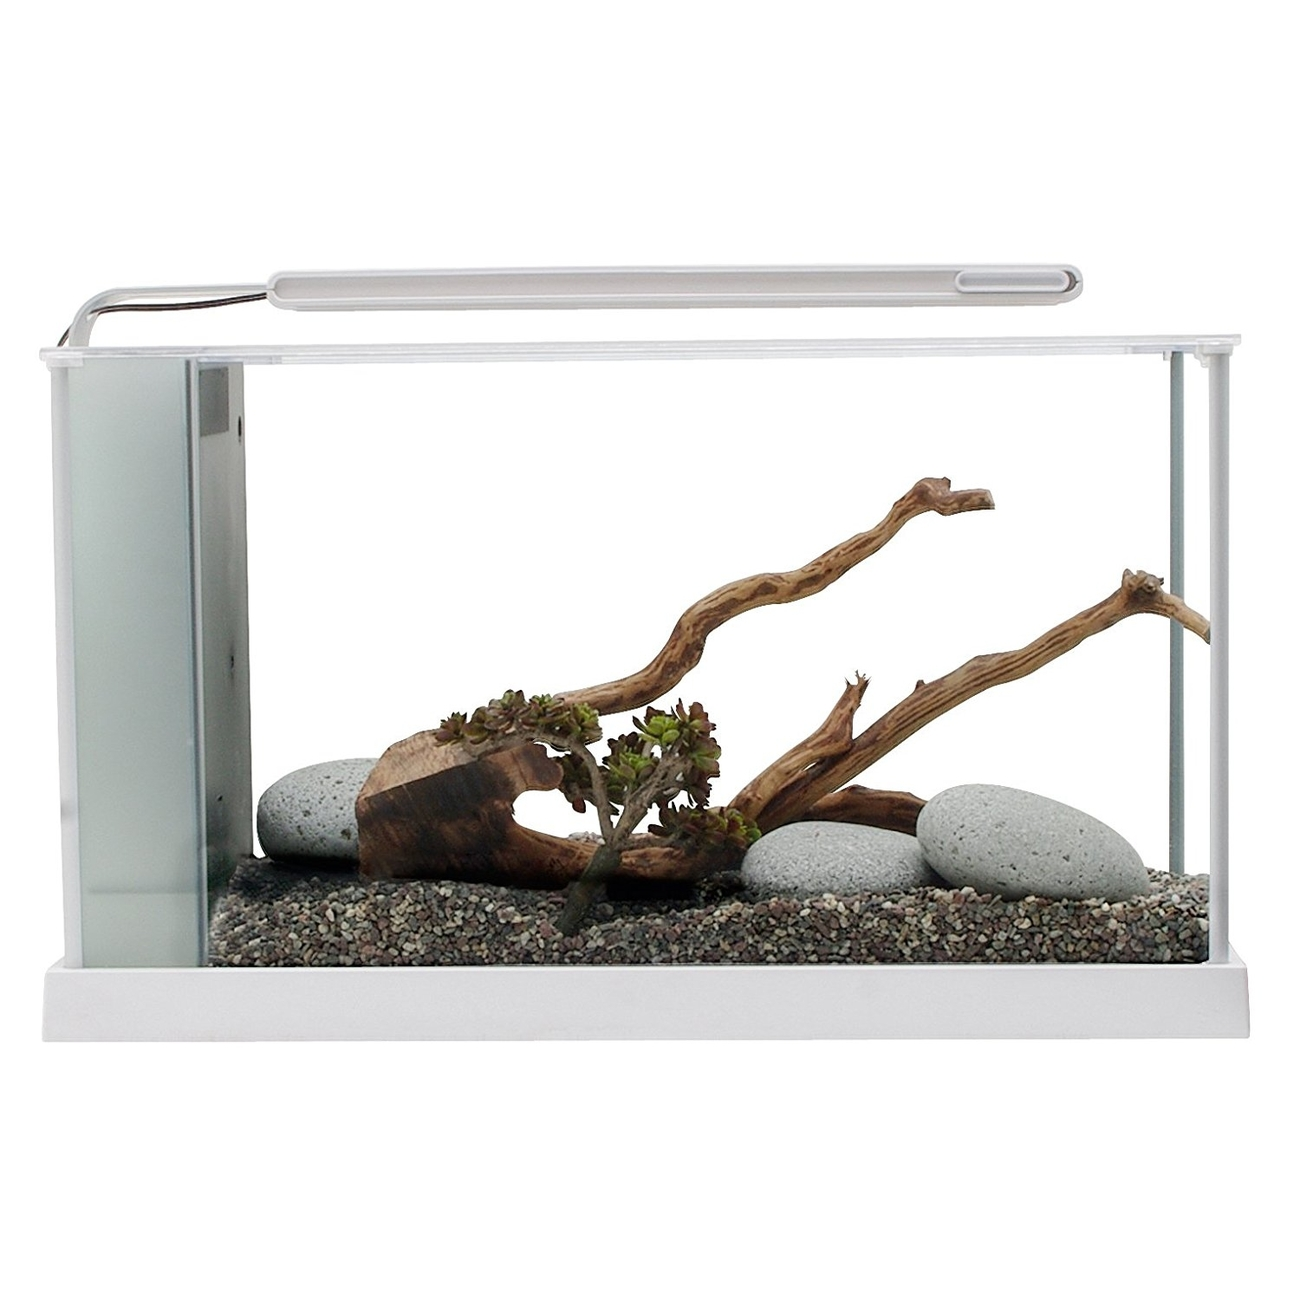 Fluval SPEC Süßwasser Aquarium Set Bild 5